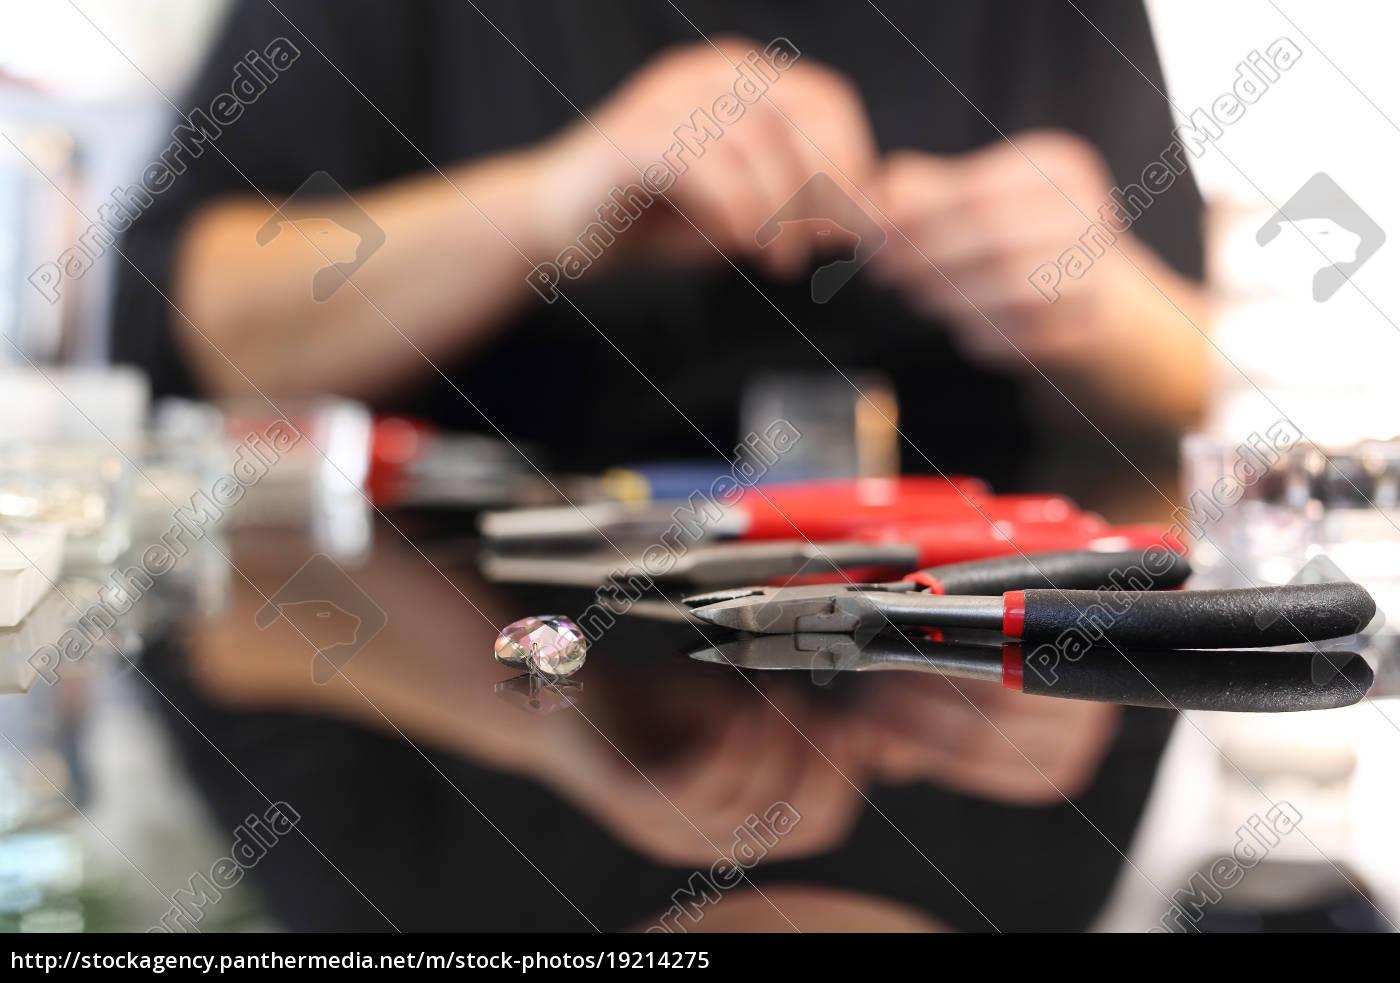 oficina, de, joalharia., ferramentas, do, joalheiro. - 19214275